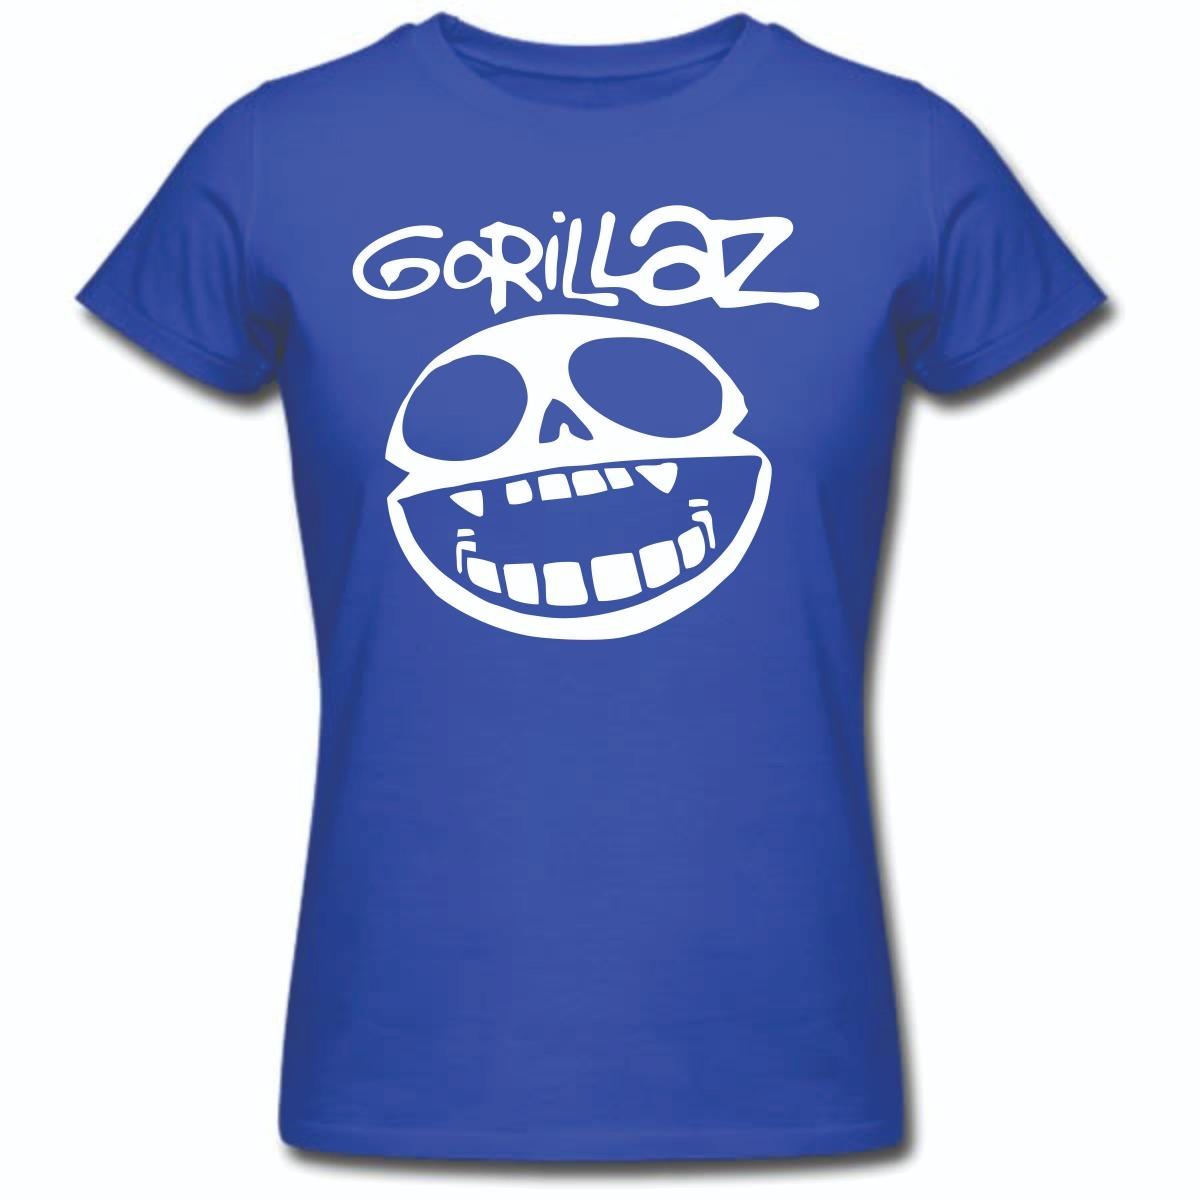 baby look feminina gorillaz banda color camisa virtual rock. Carregando  zoom. 33437fc0d1346